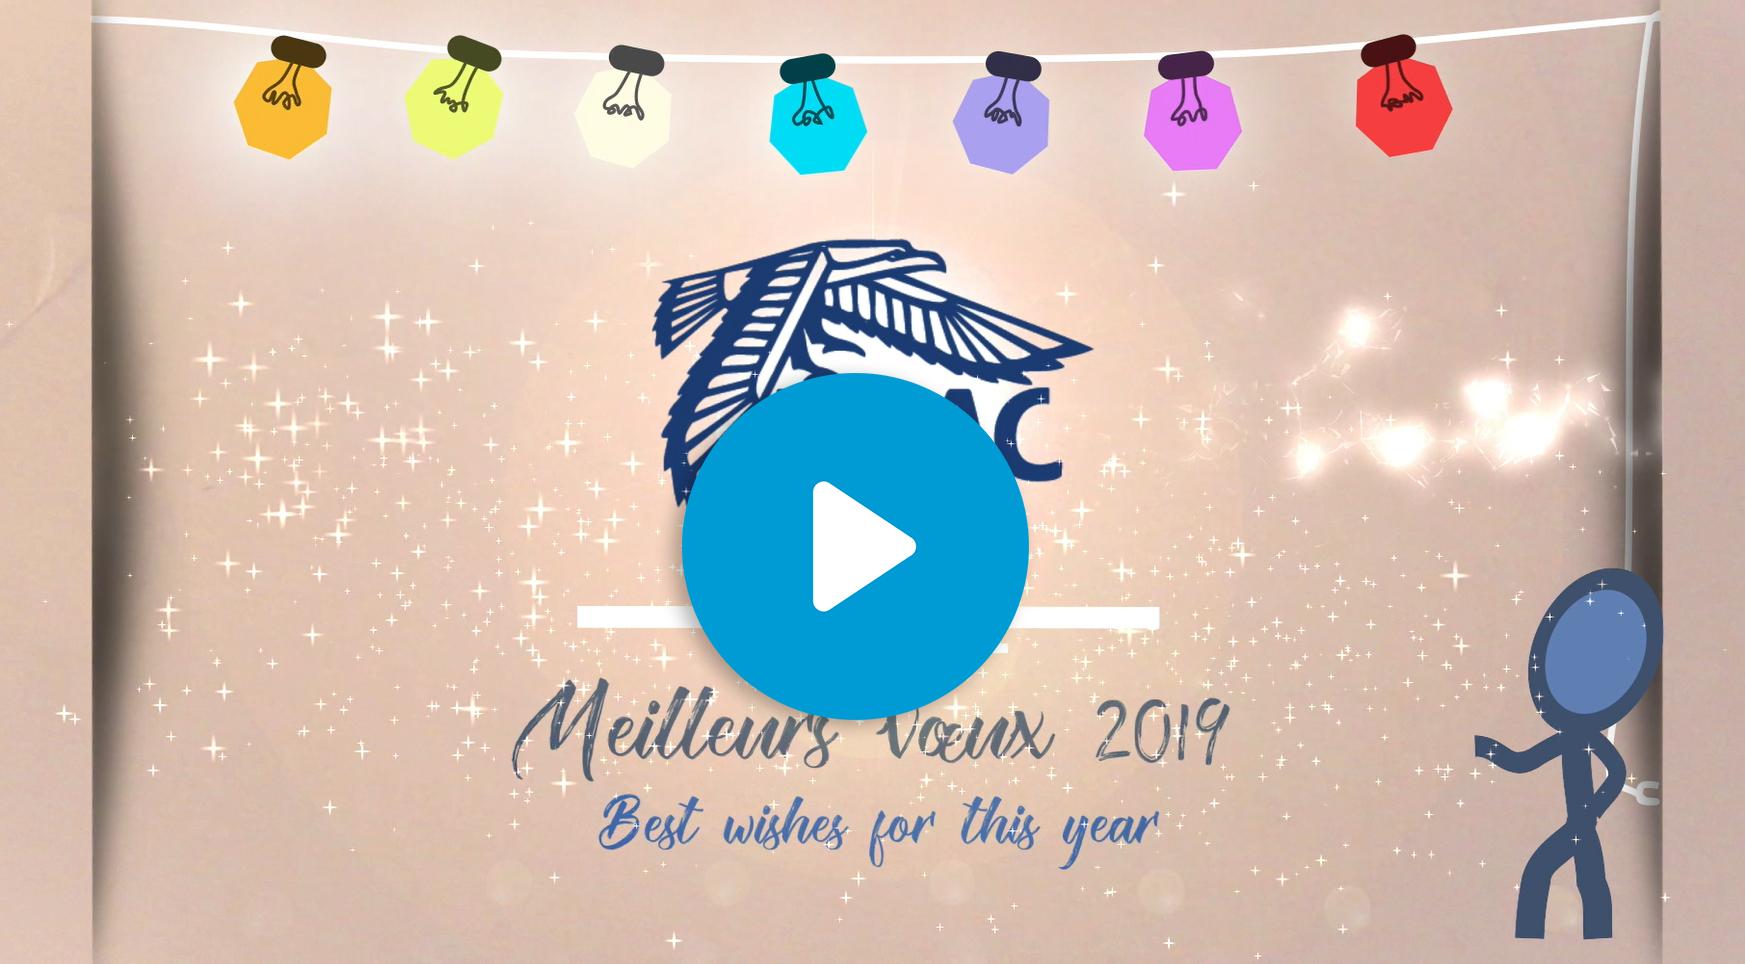 Les élèves, le directeur général et le personnel de L'ENAC vous souhaitent une excellente année 2019 !